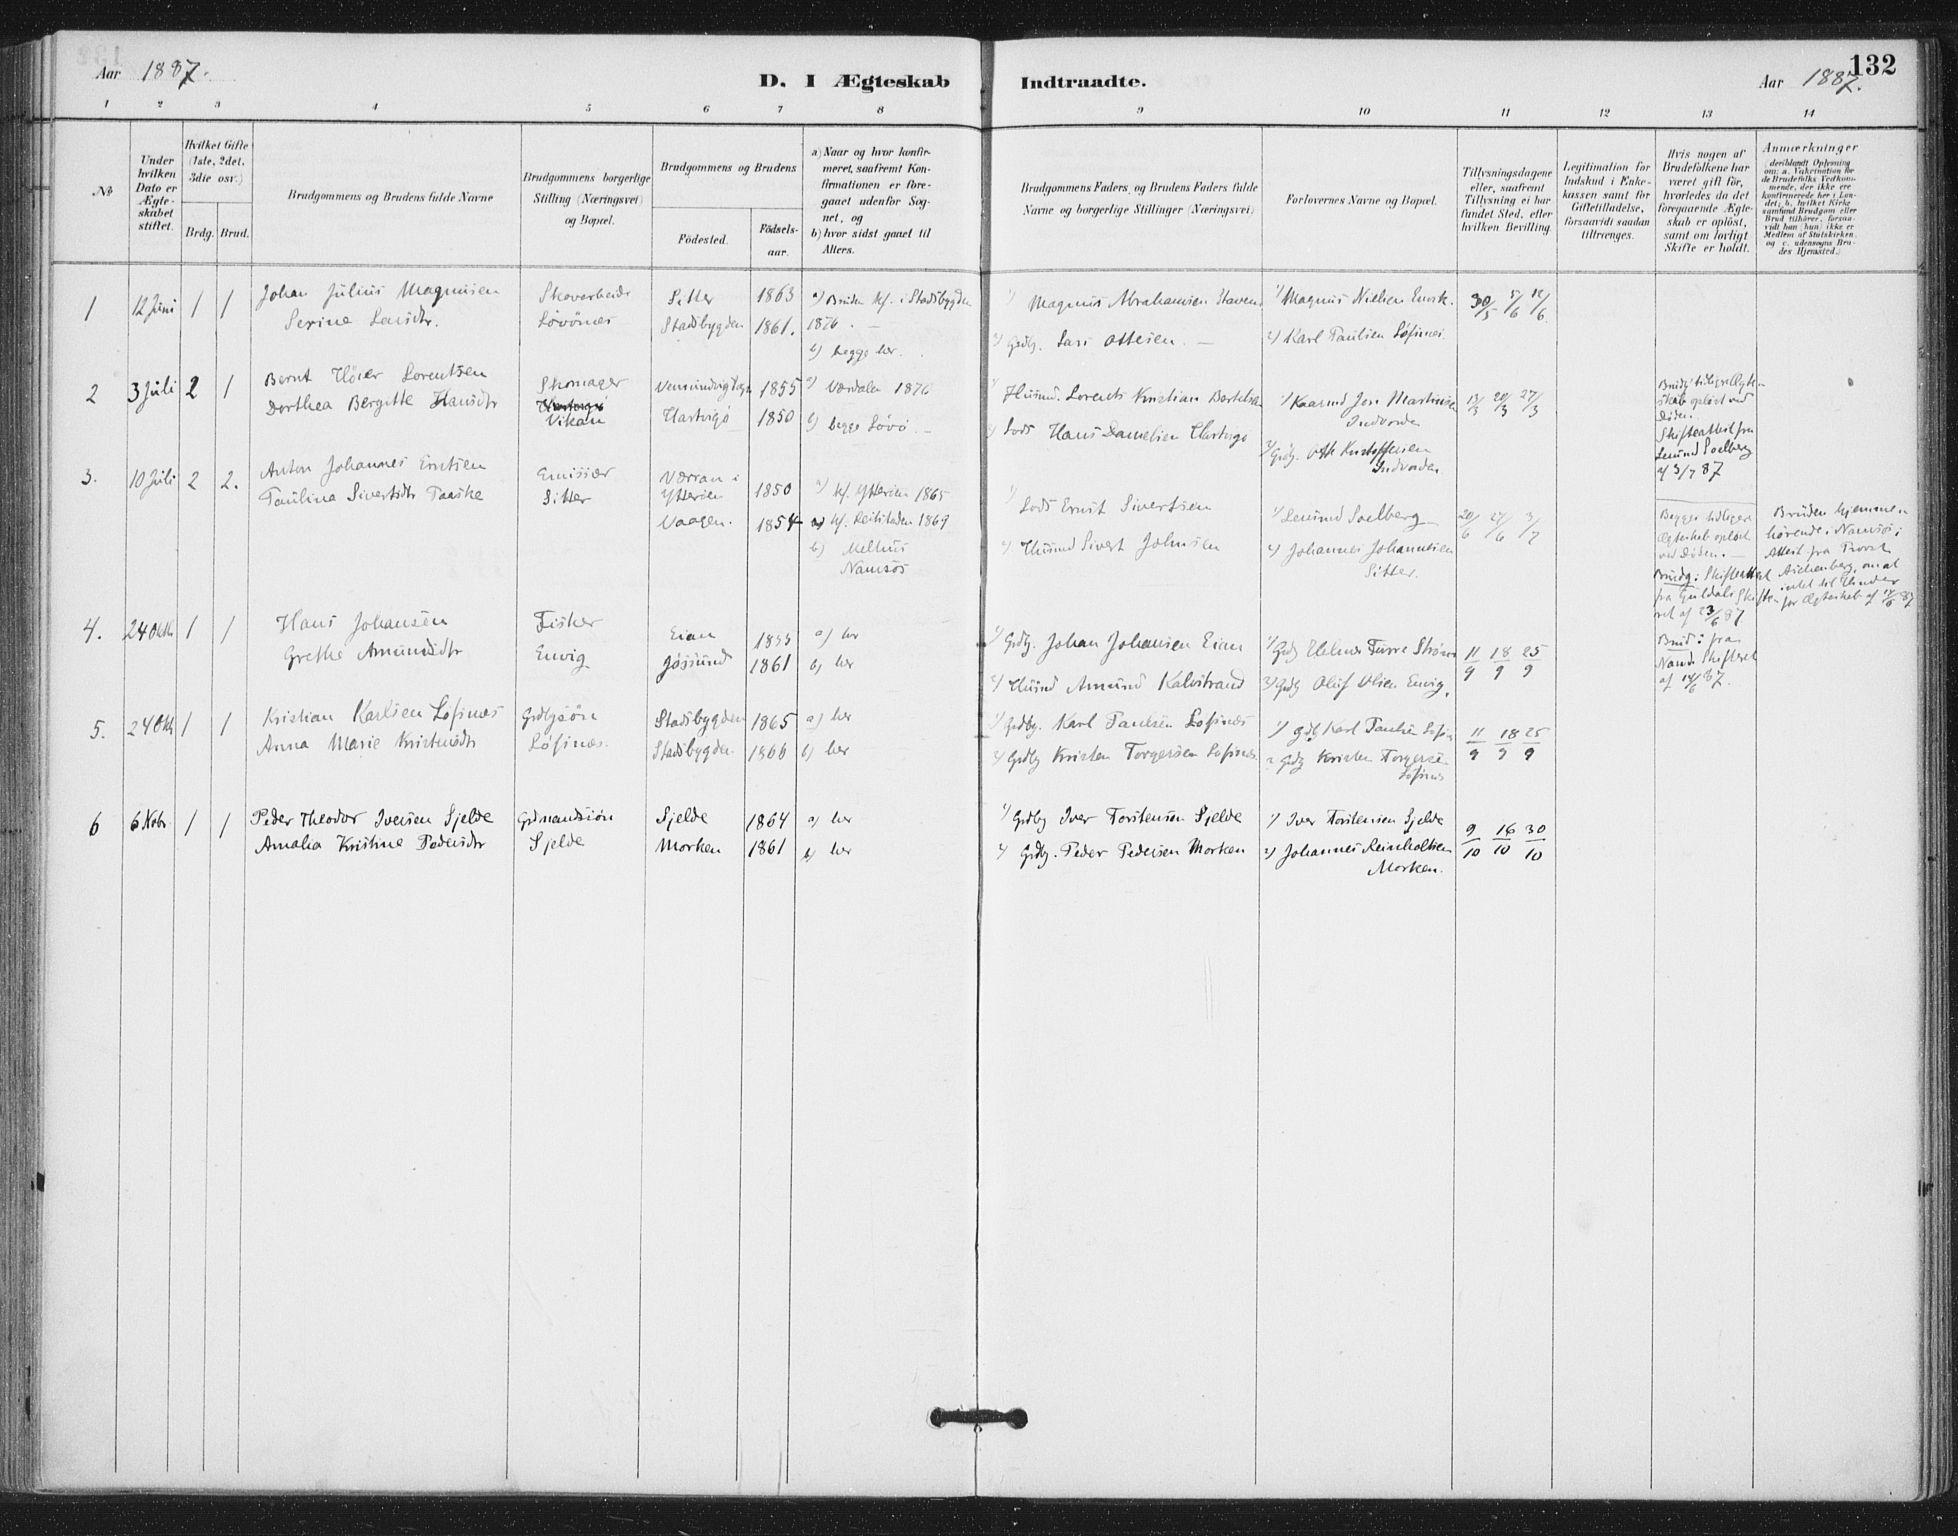 SAT, Ministerialprotokoller, klokkerbøker og fødselsregistre - Nord-Trøndelag, 772/L0603: Ministerialbok nr. 772A01, 1885-1912, s. 132